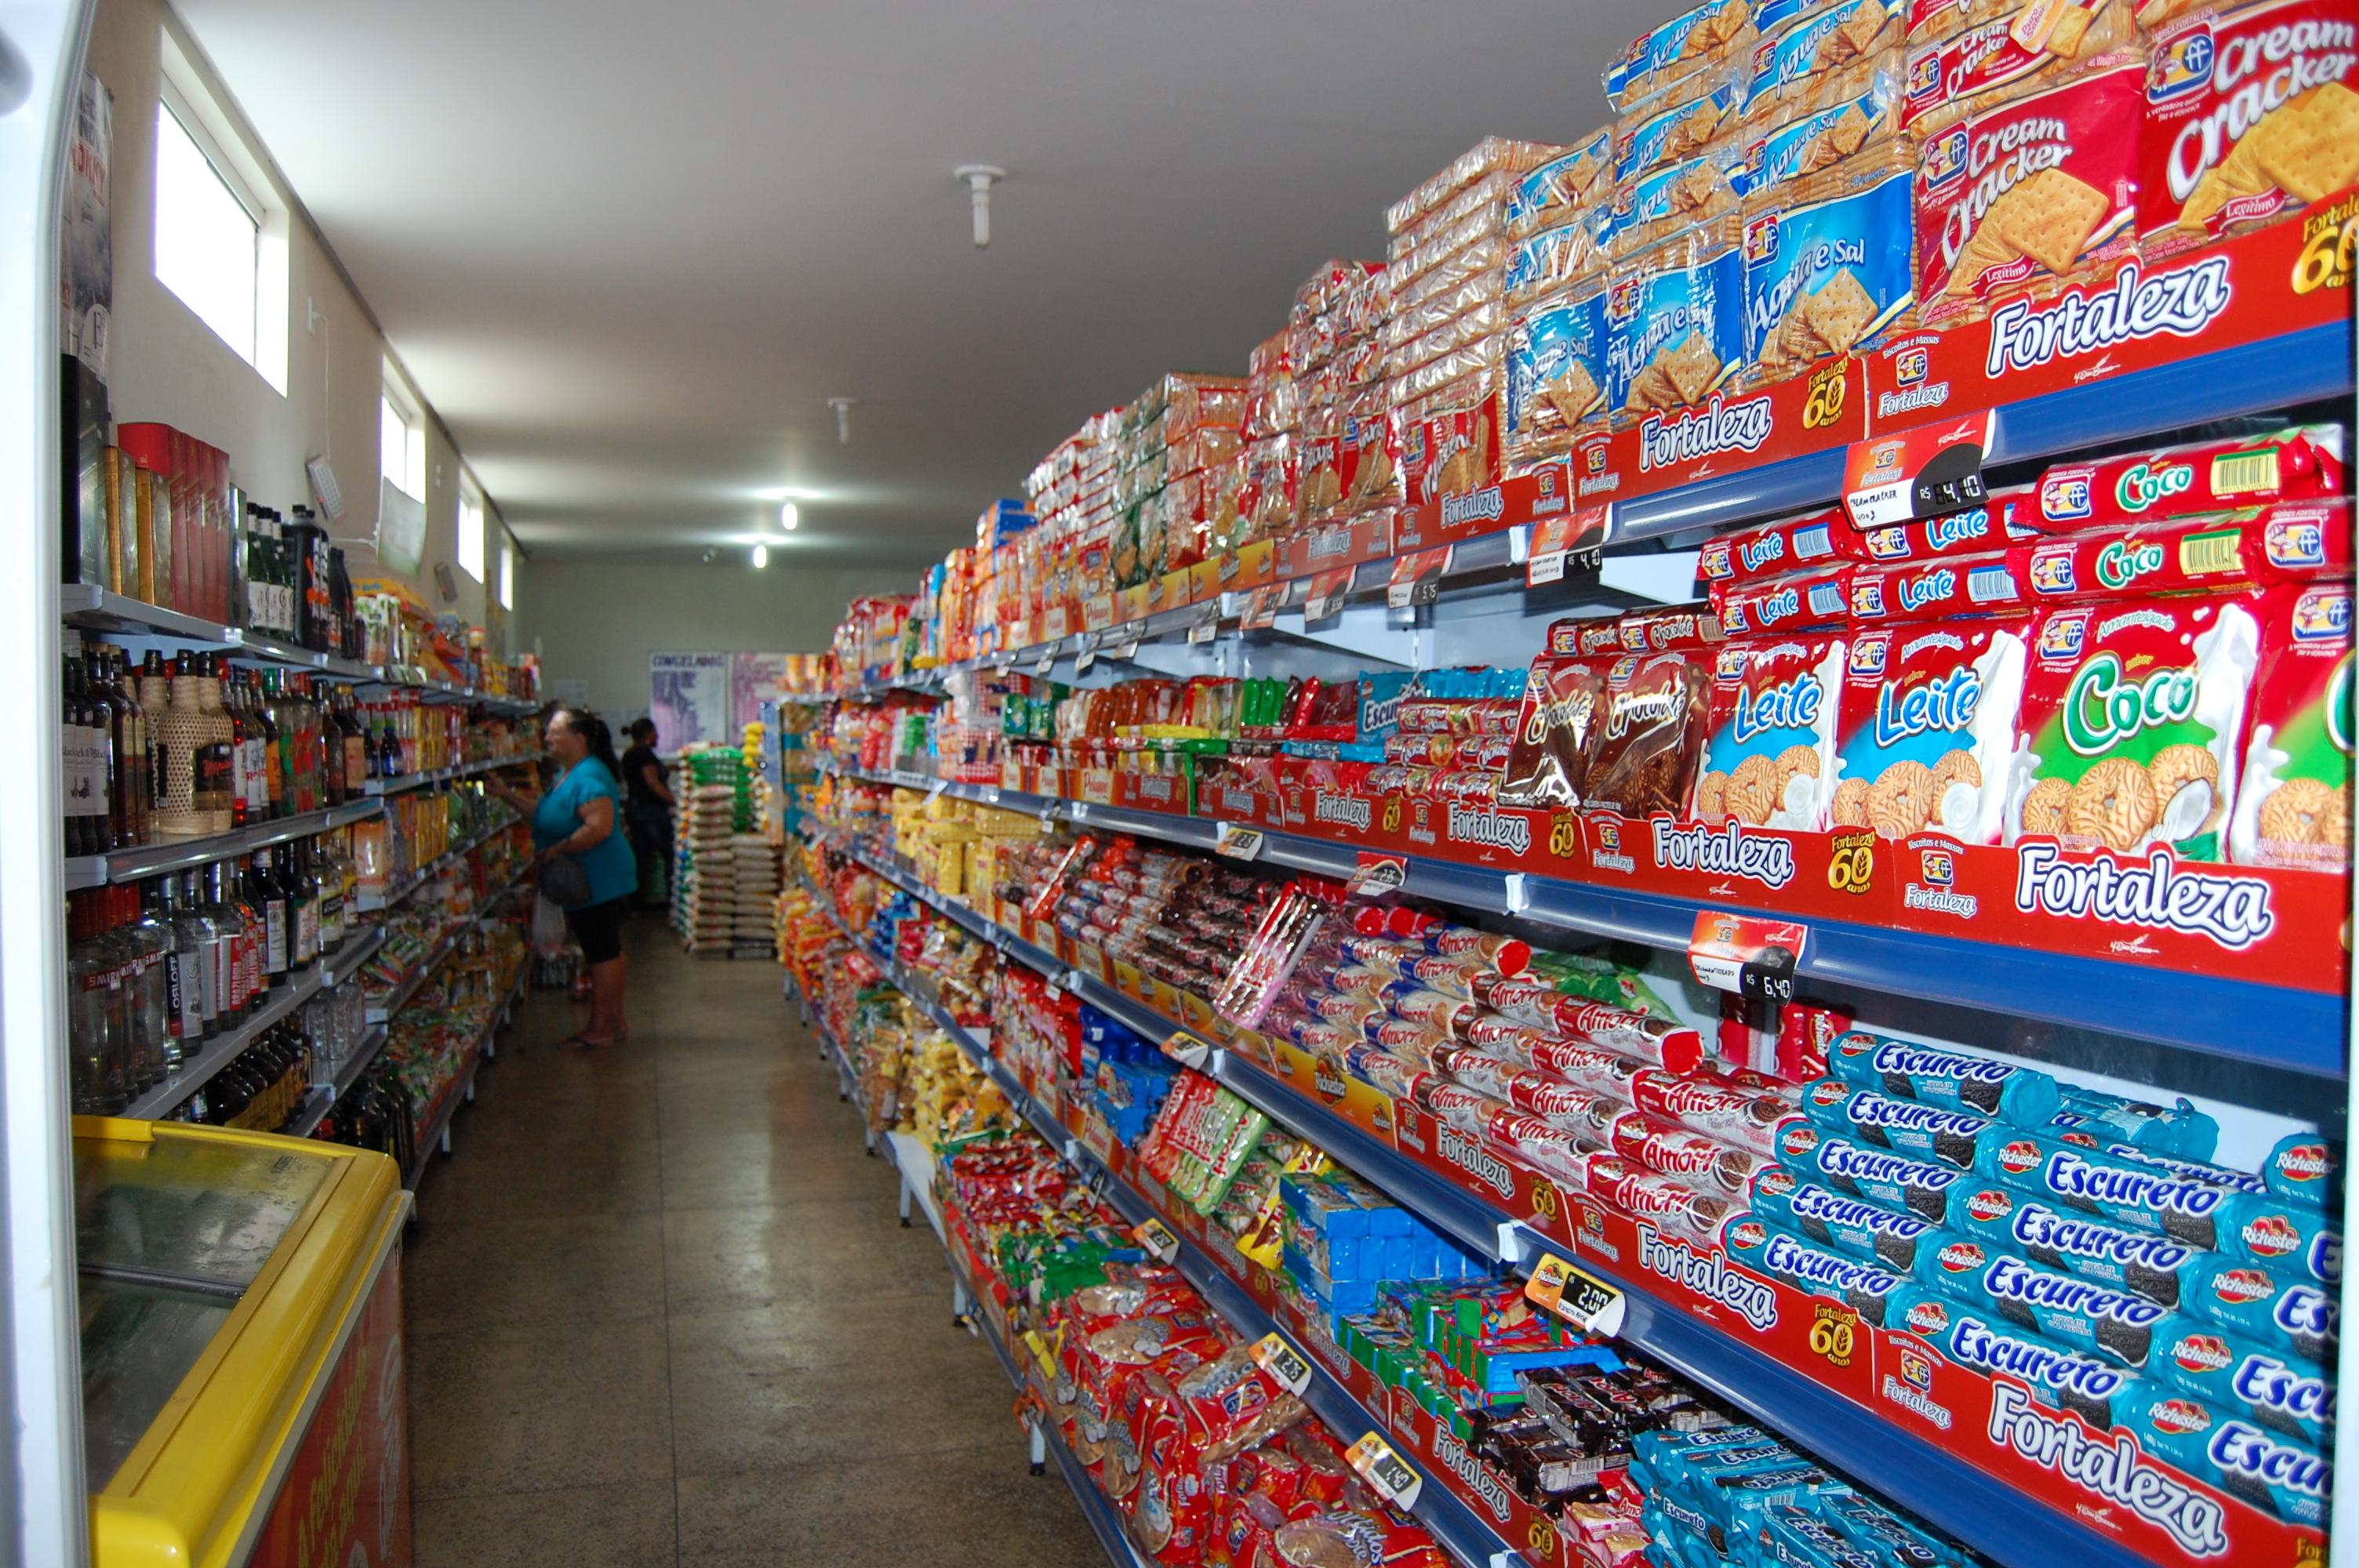 Supermercado Martins (16)